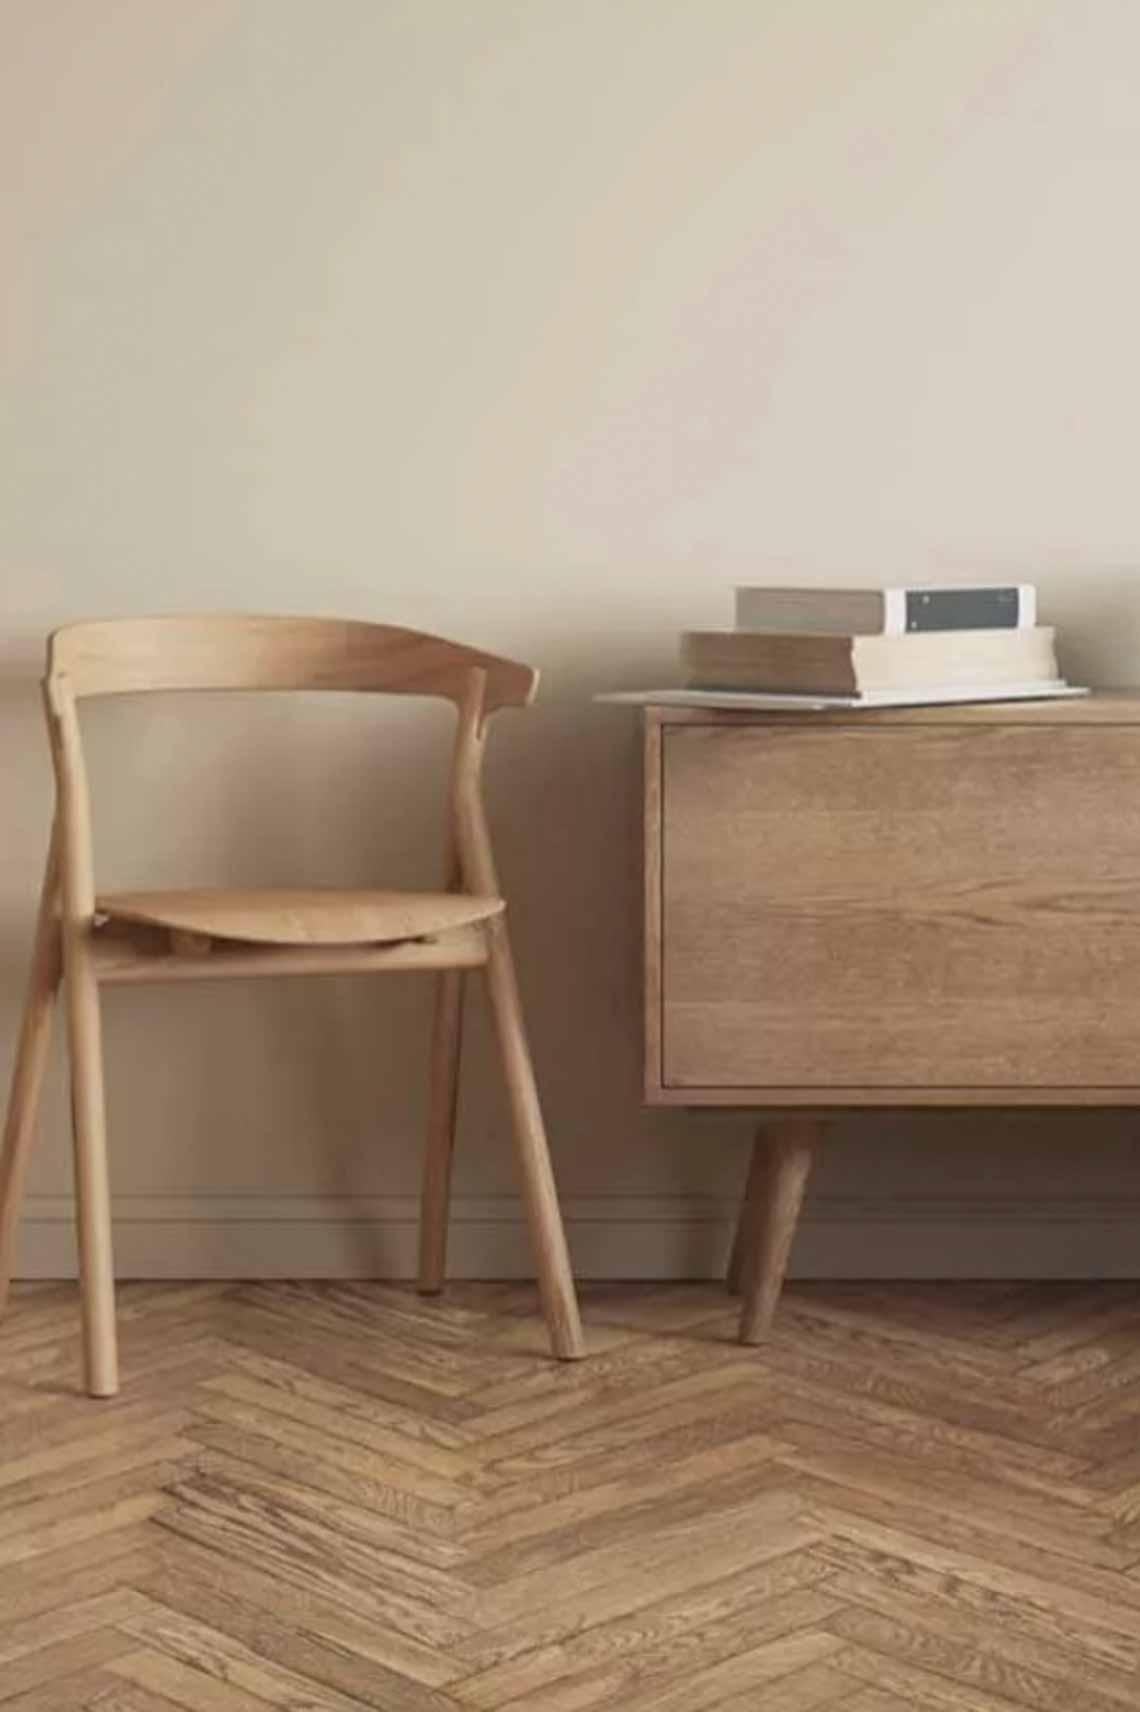 Covid-19 và những xu hướng thiết kế nội thất mới - 2